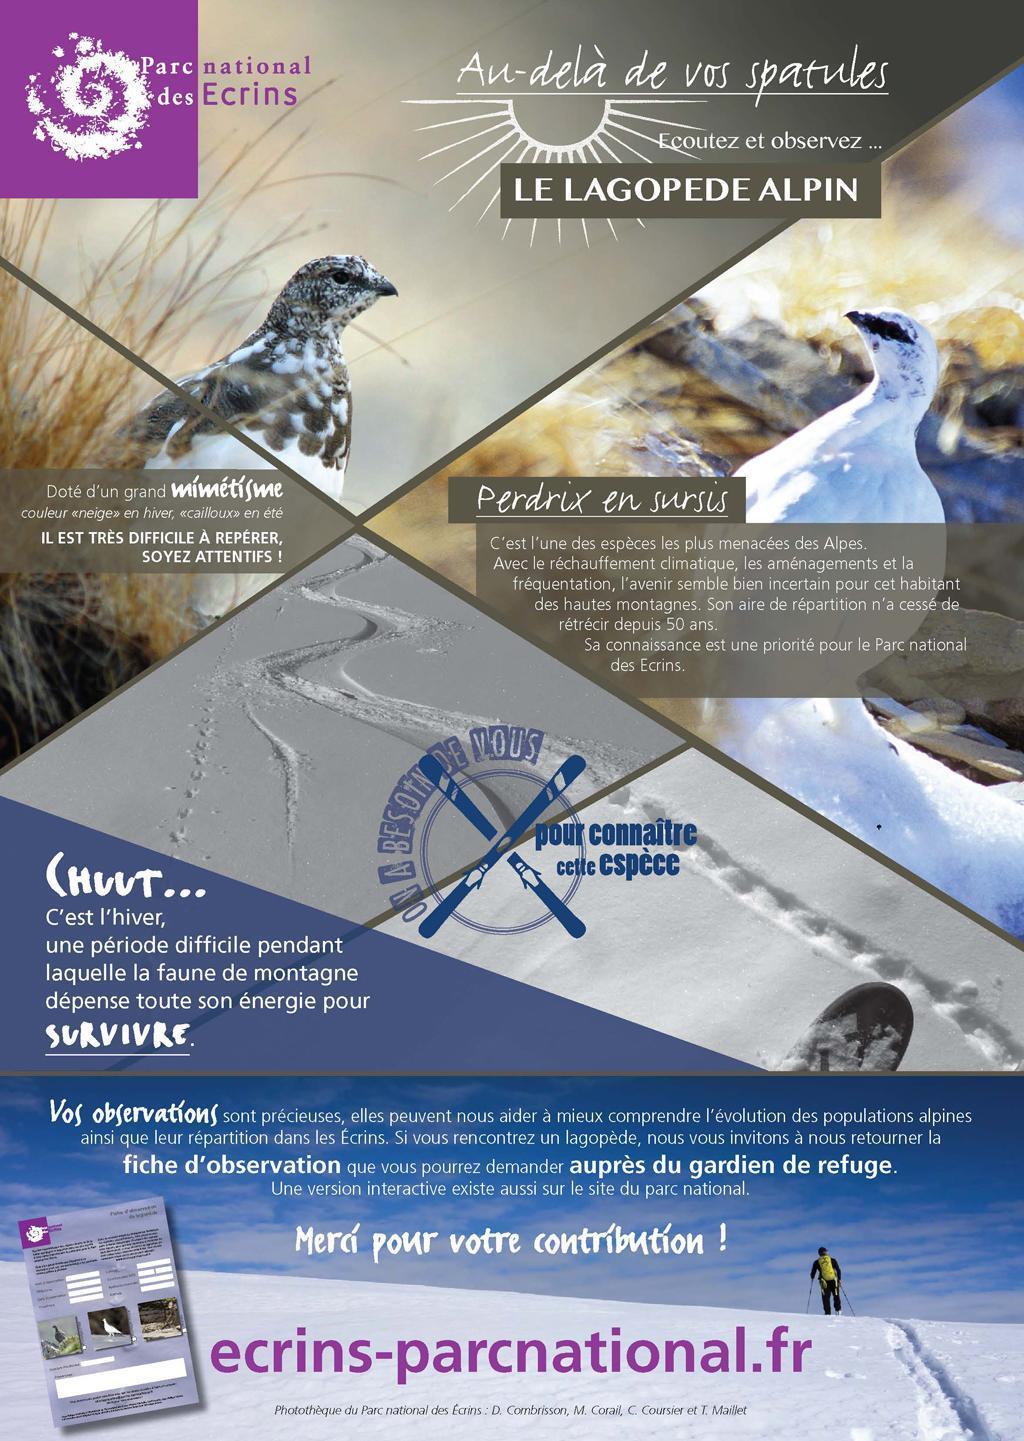 poster refuges observation lagopède - Parc national des Ecrins